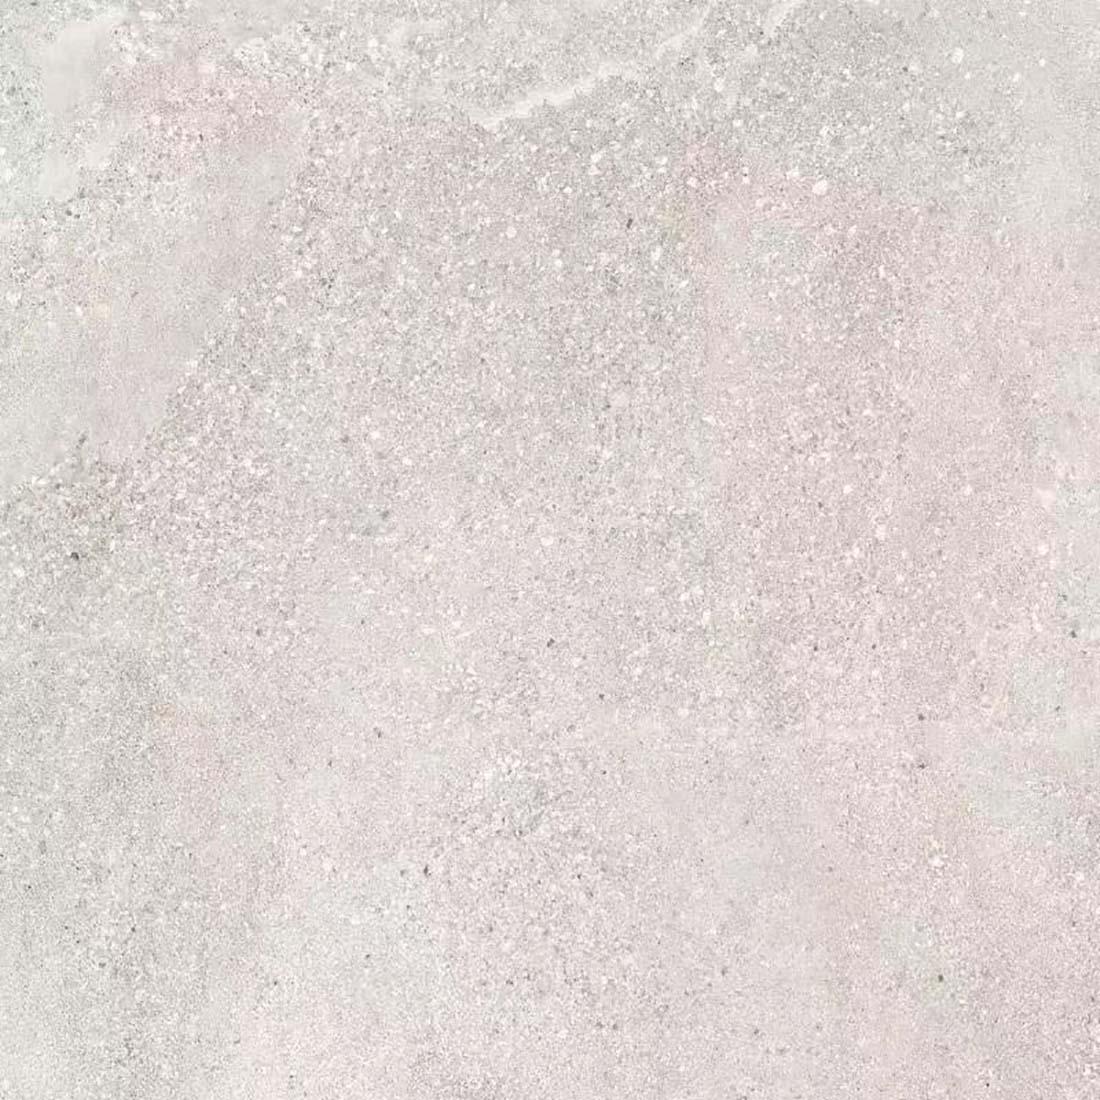 Cristal 60x60 Beige Matt R10 1